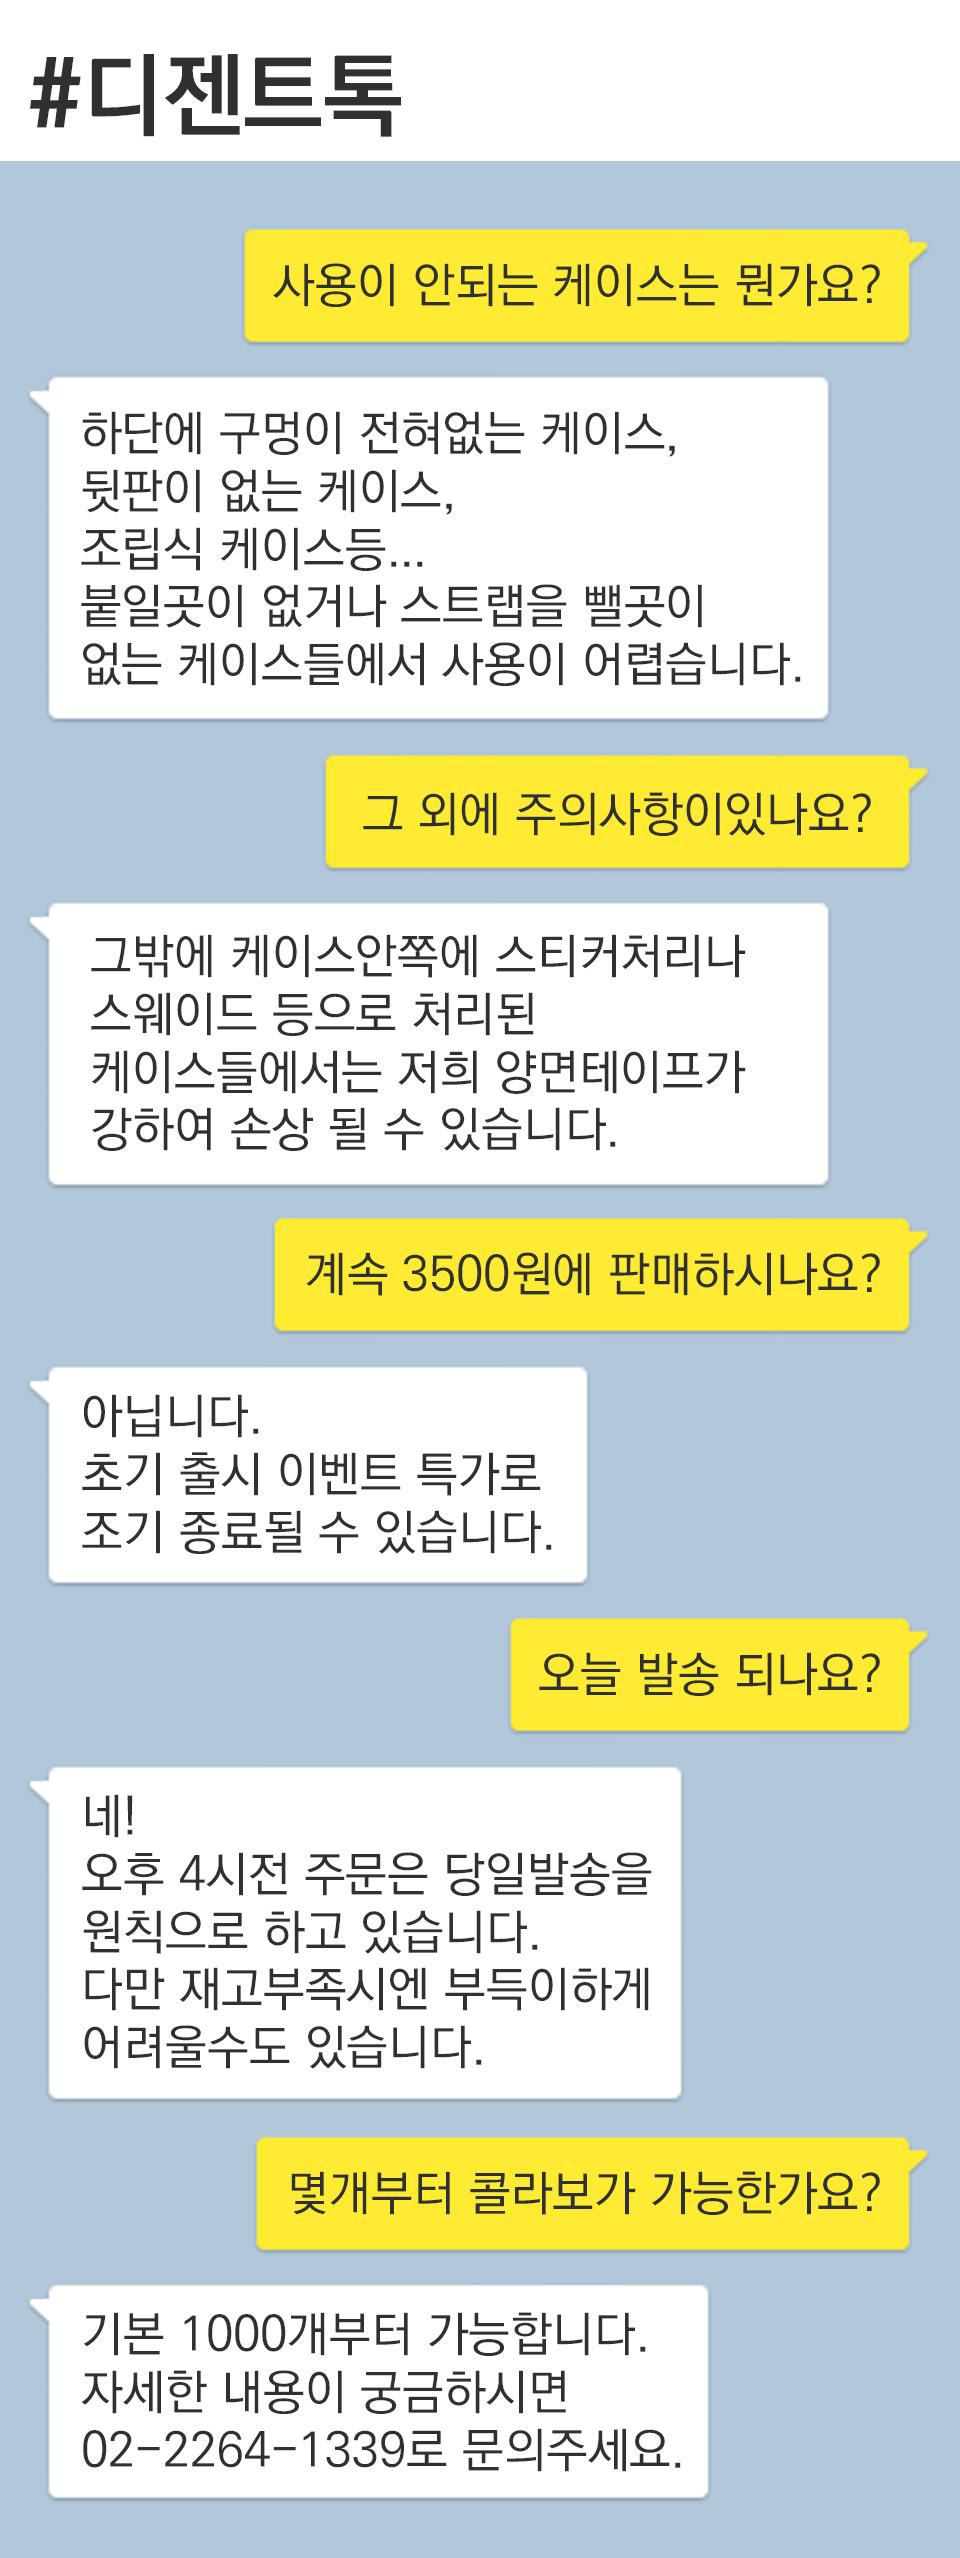 신개념 폰스트랩 핑거스트랩 그립감 끝판왕 - 디젠트, 7,000원, 거치대/홀더, 스마트링/홀더